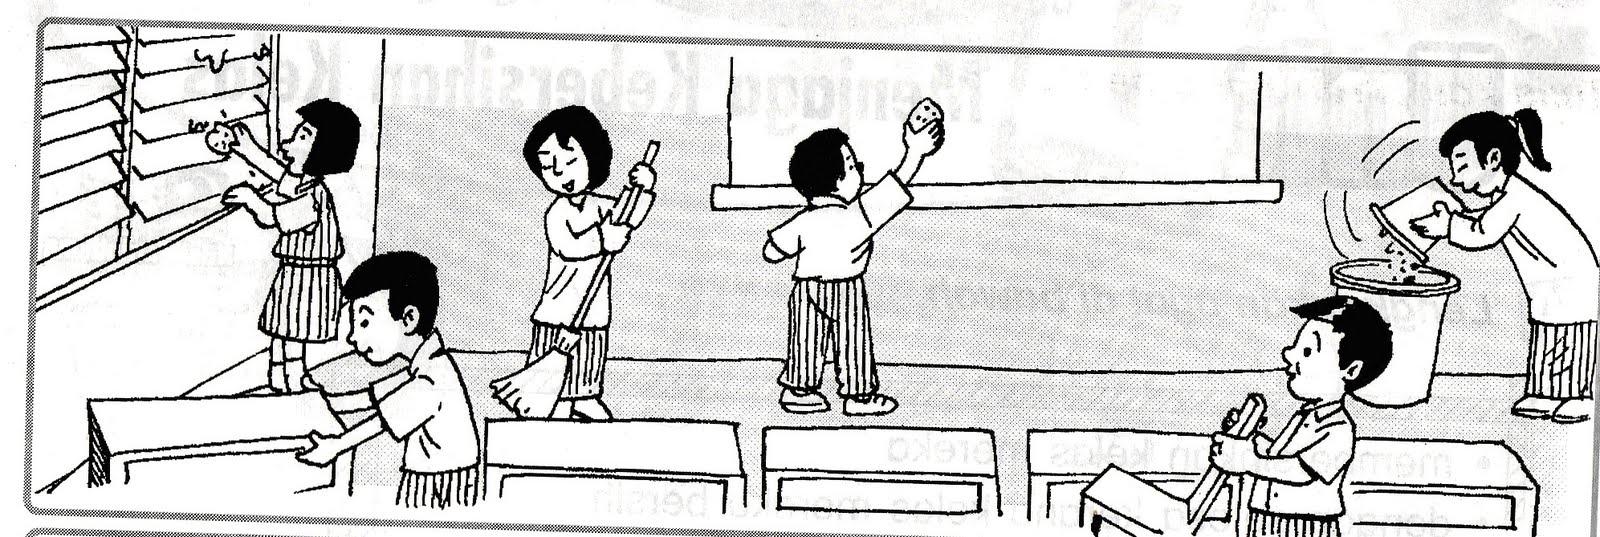 Gambar Orang Lagi Gotong Royong Kartun